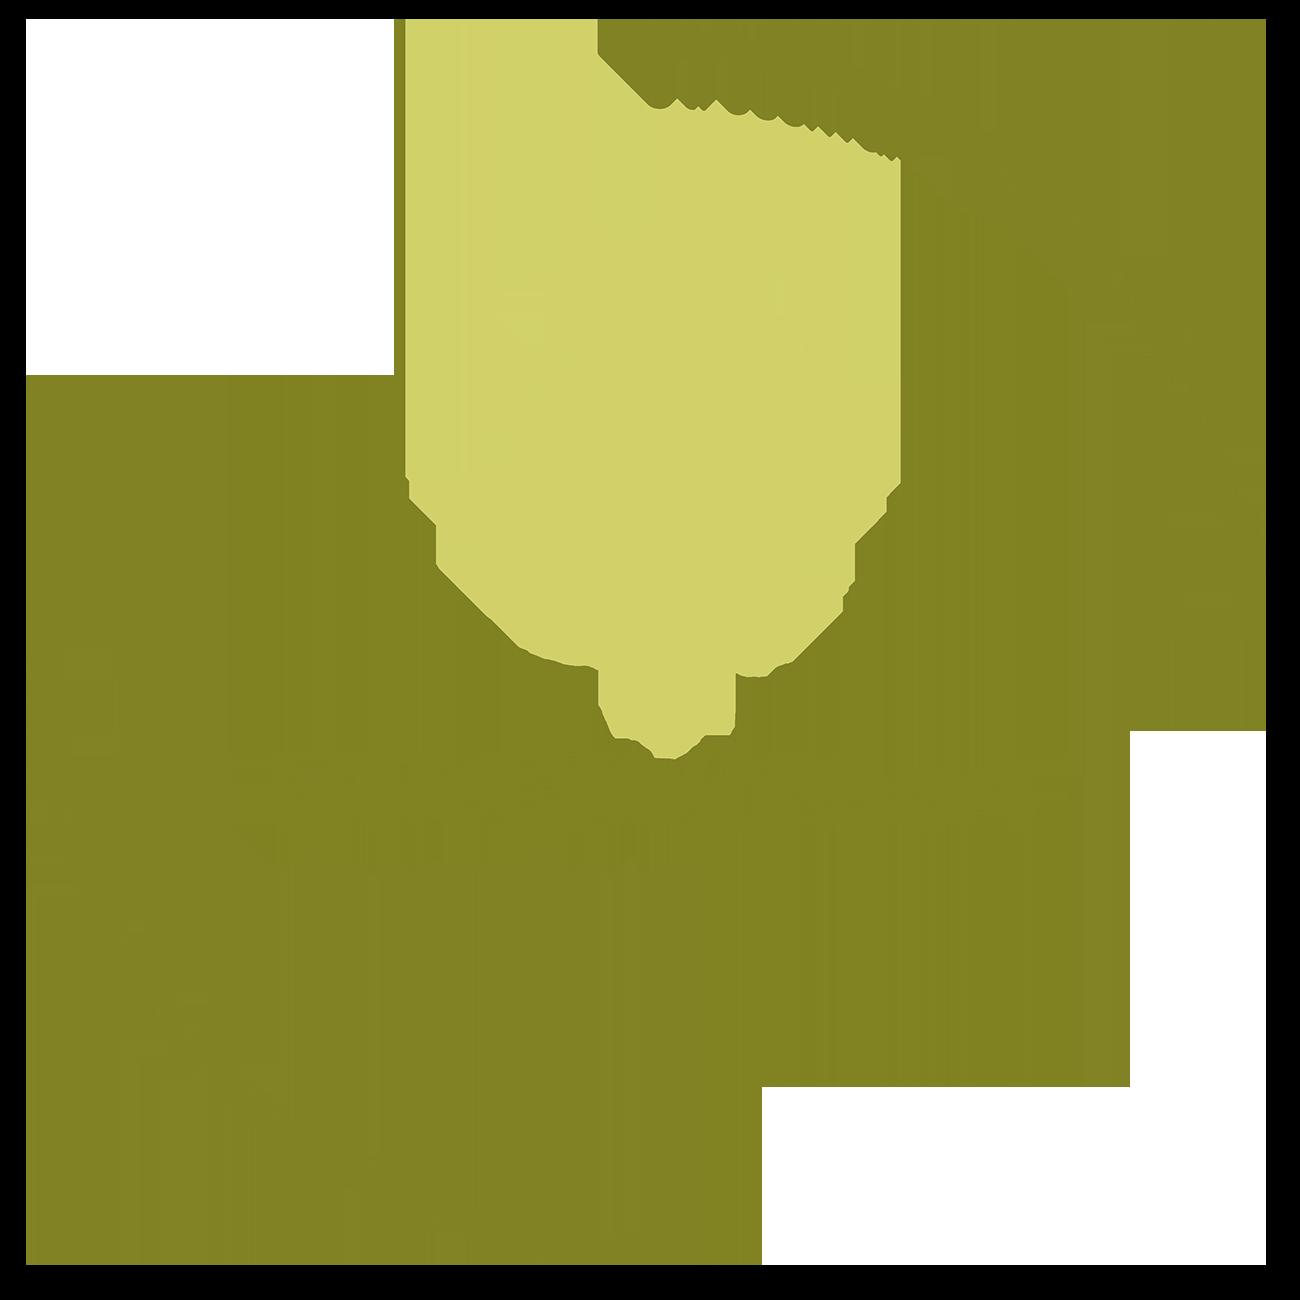 Baum Heidi Weichhart Stressabbau für Berufs- und Familienfrauen